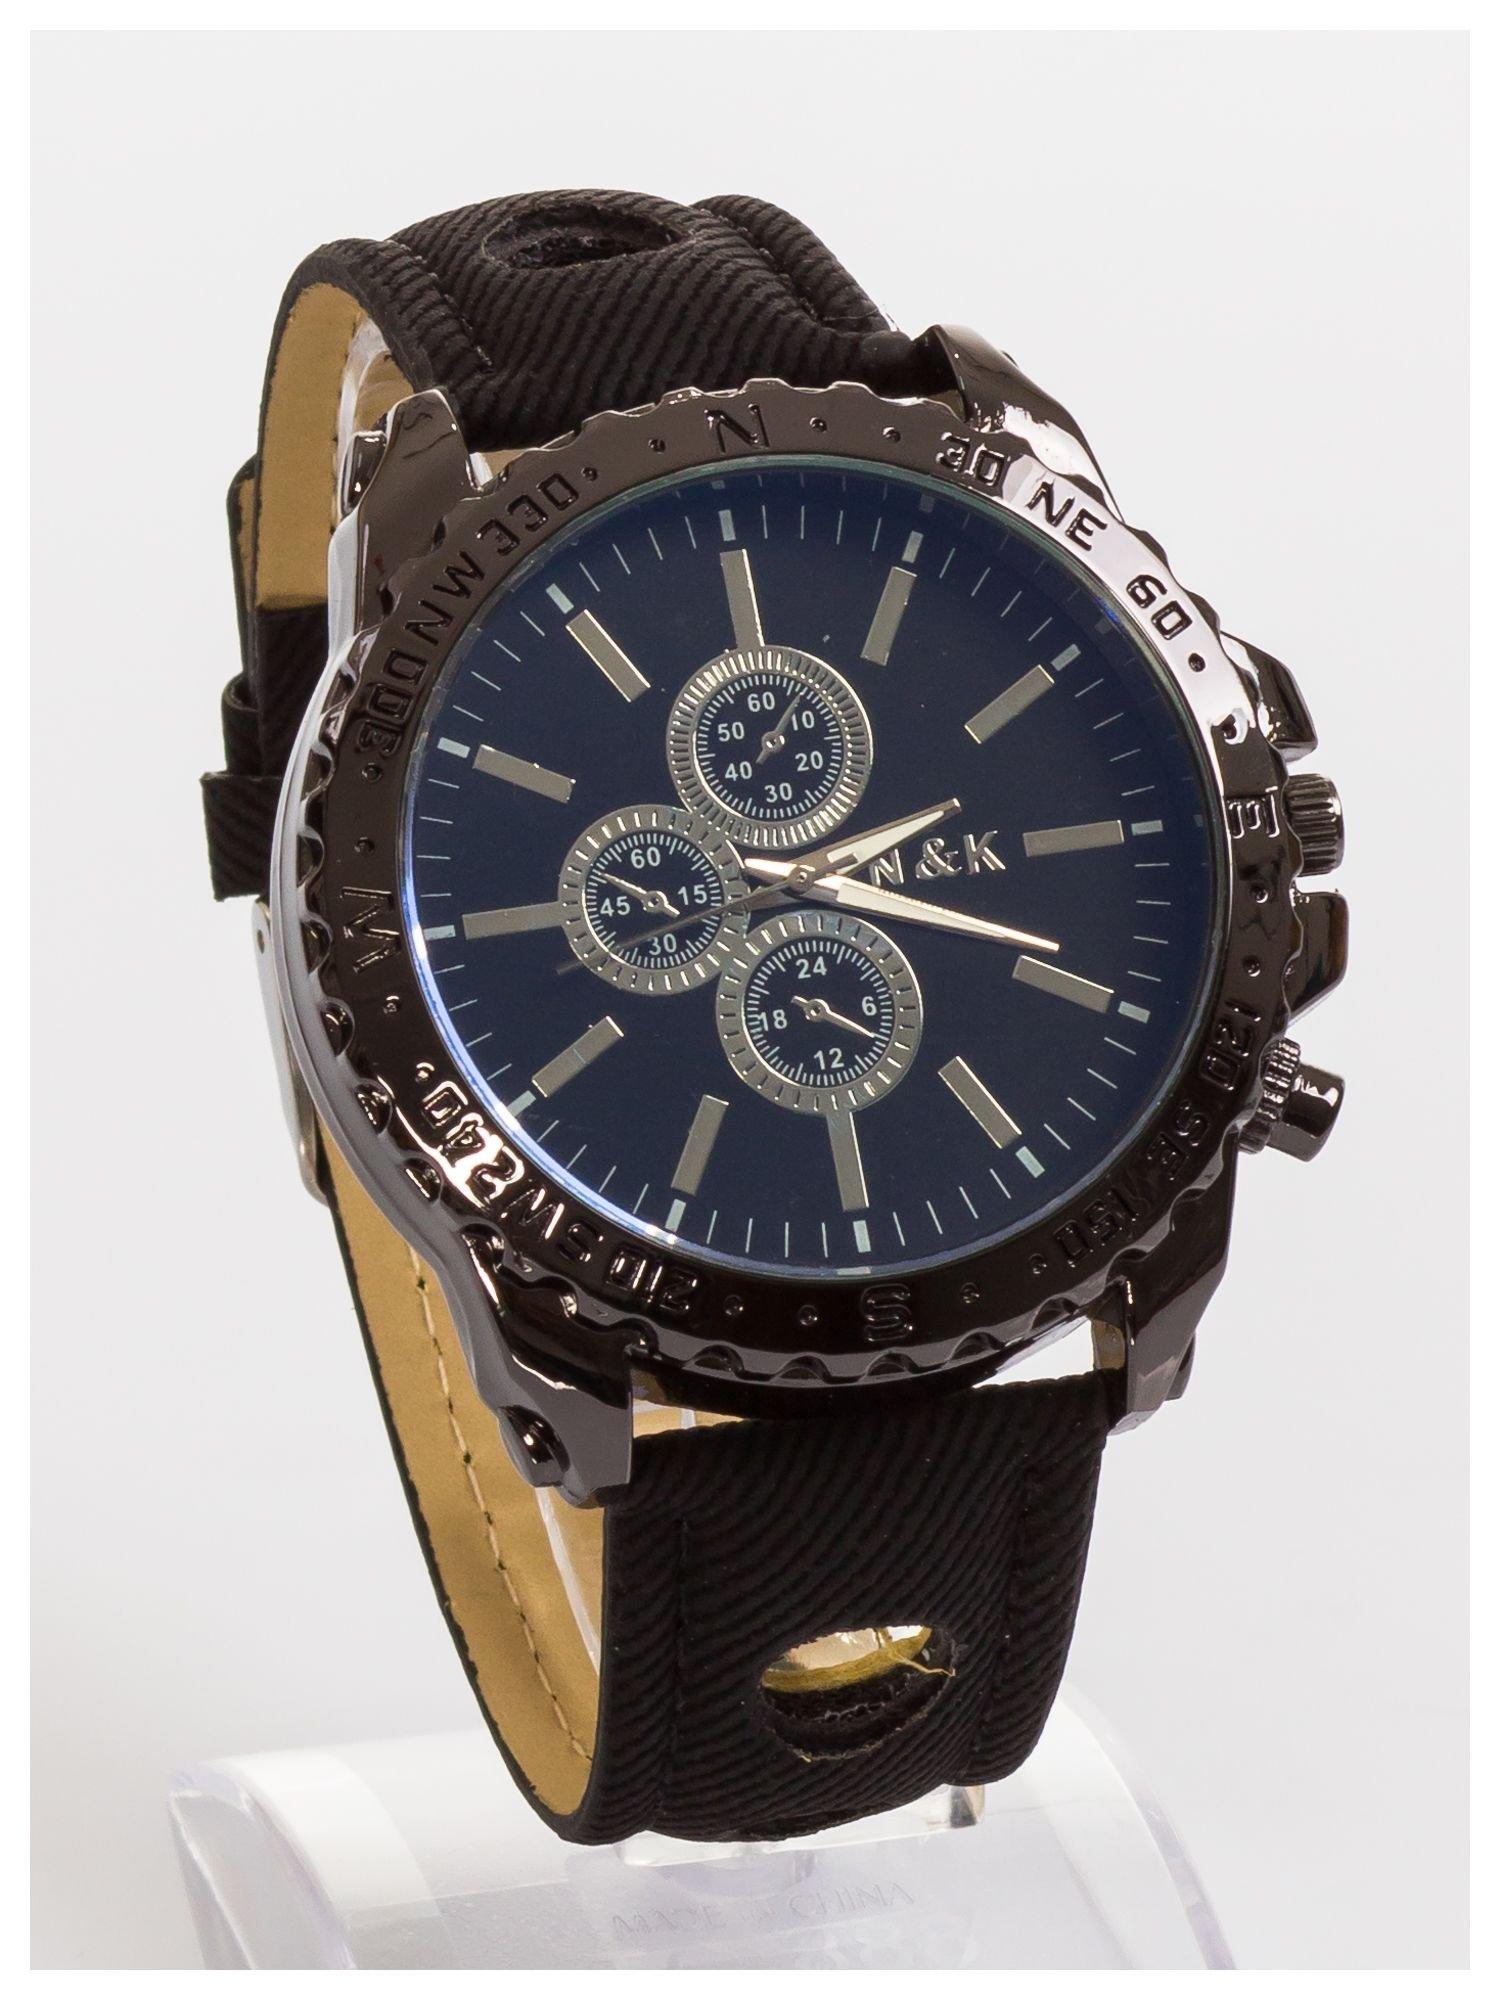 N&K Zegarek męski. Duża tarcza z ozdobnym tachometrem, opalizujące szkiełko oraz oryginalny pasek z wycięciami                                  zdj.                                  4